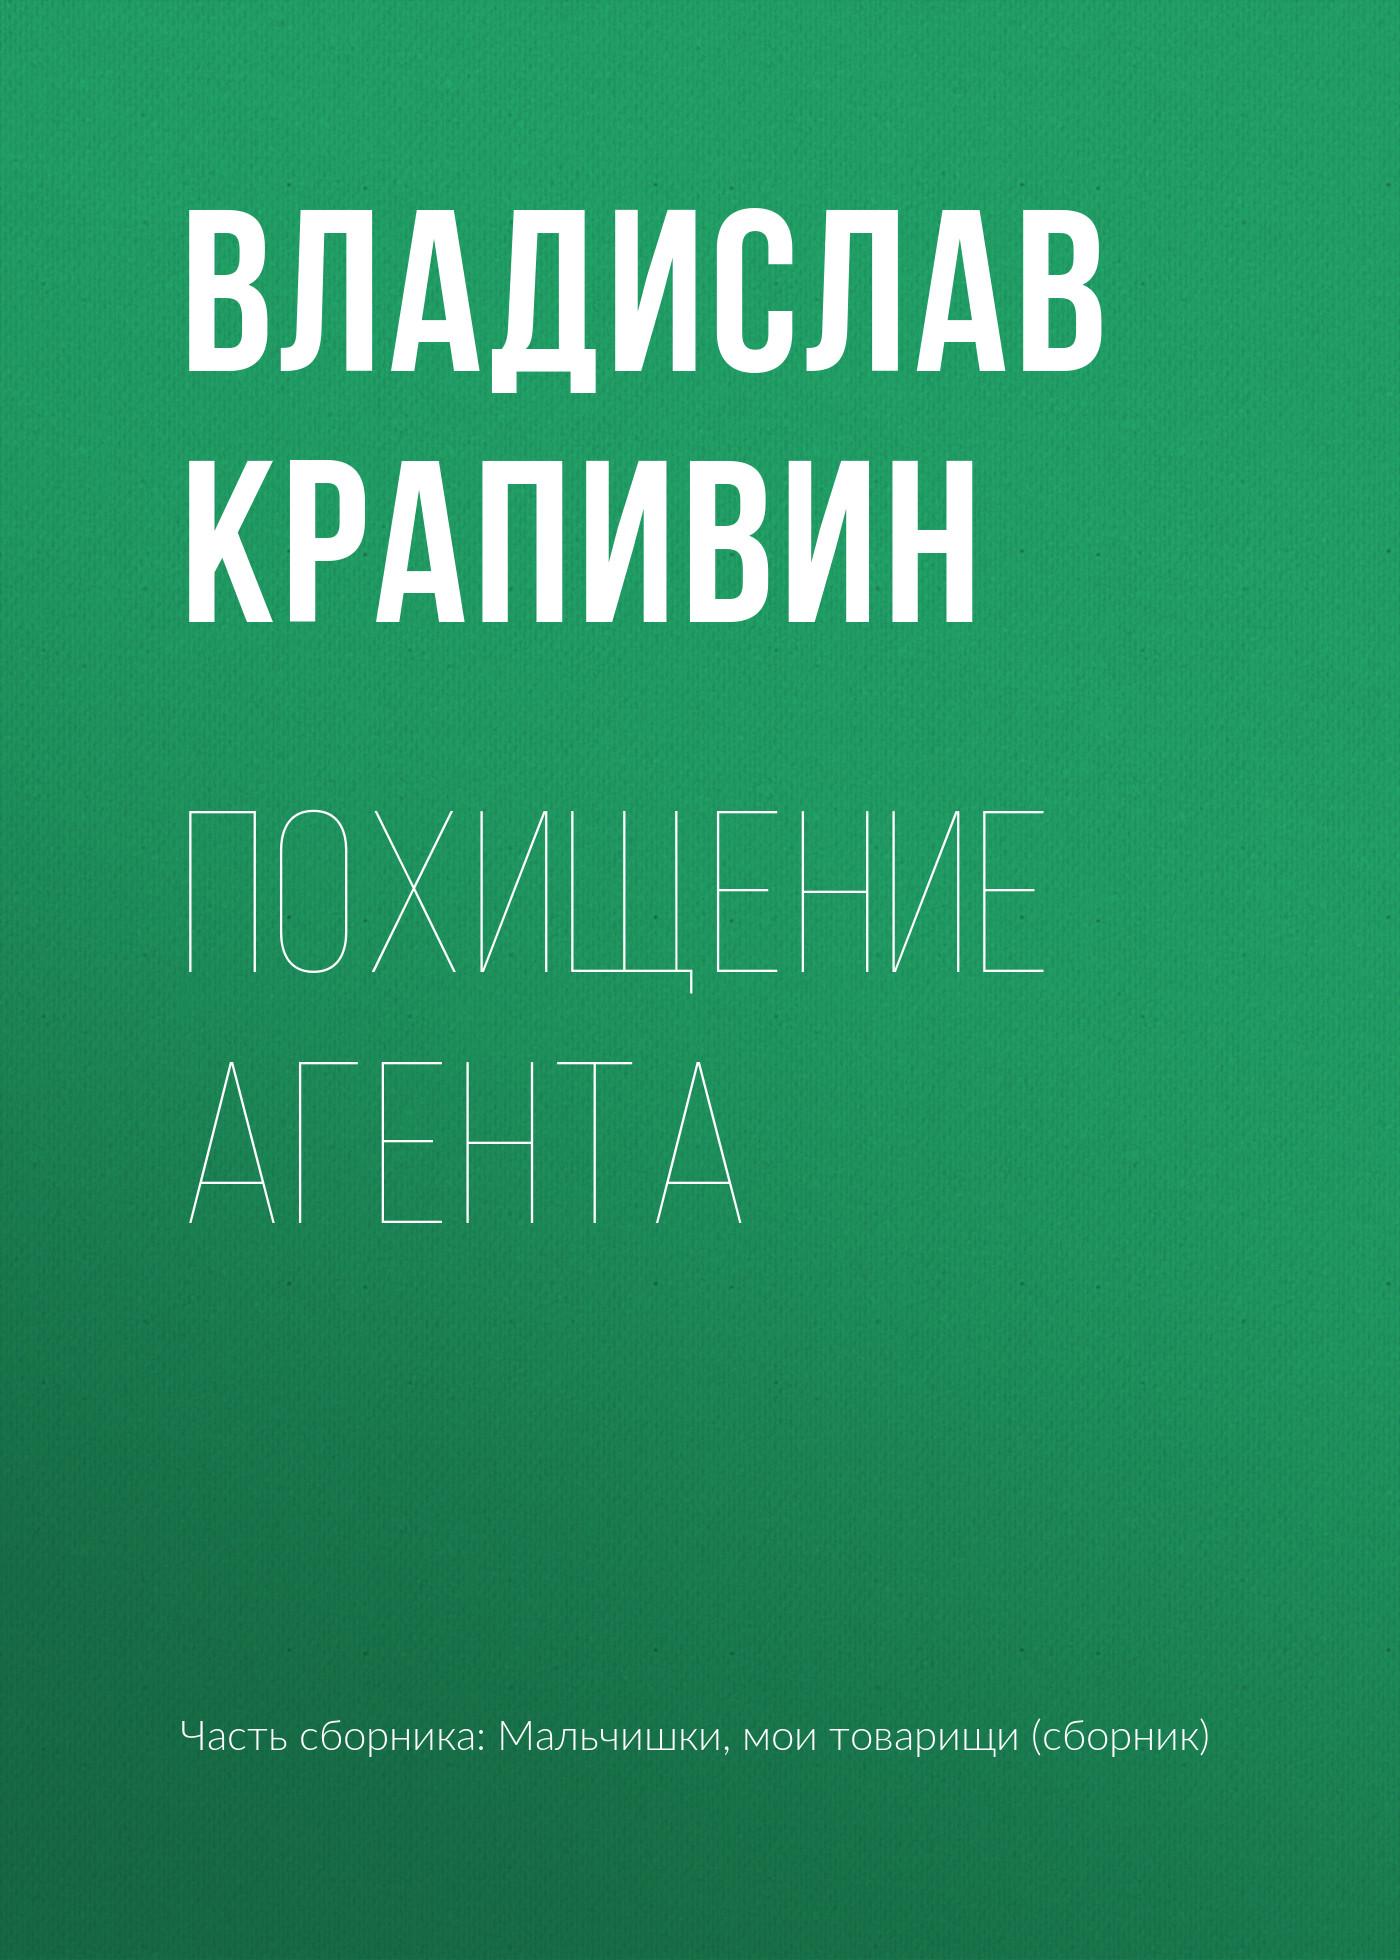 pokhishchenie agenta